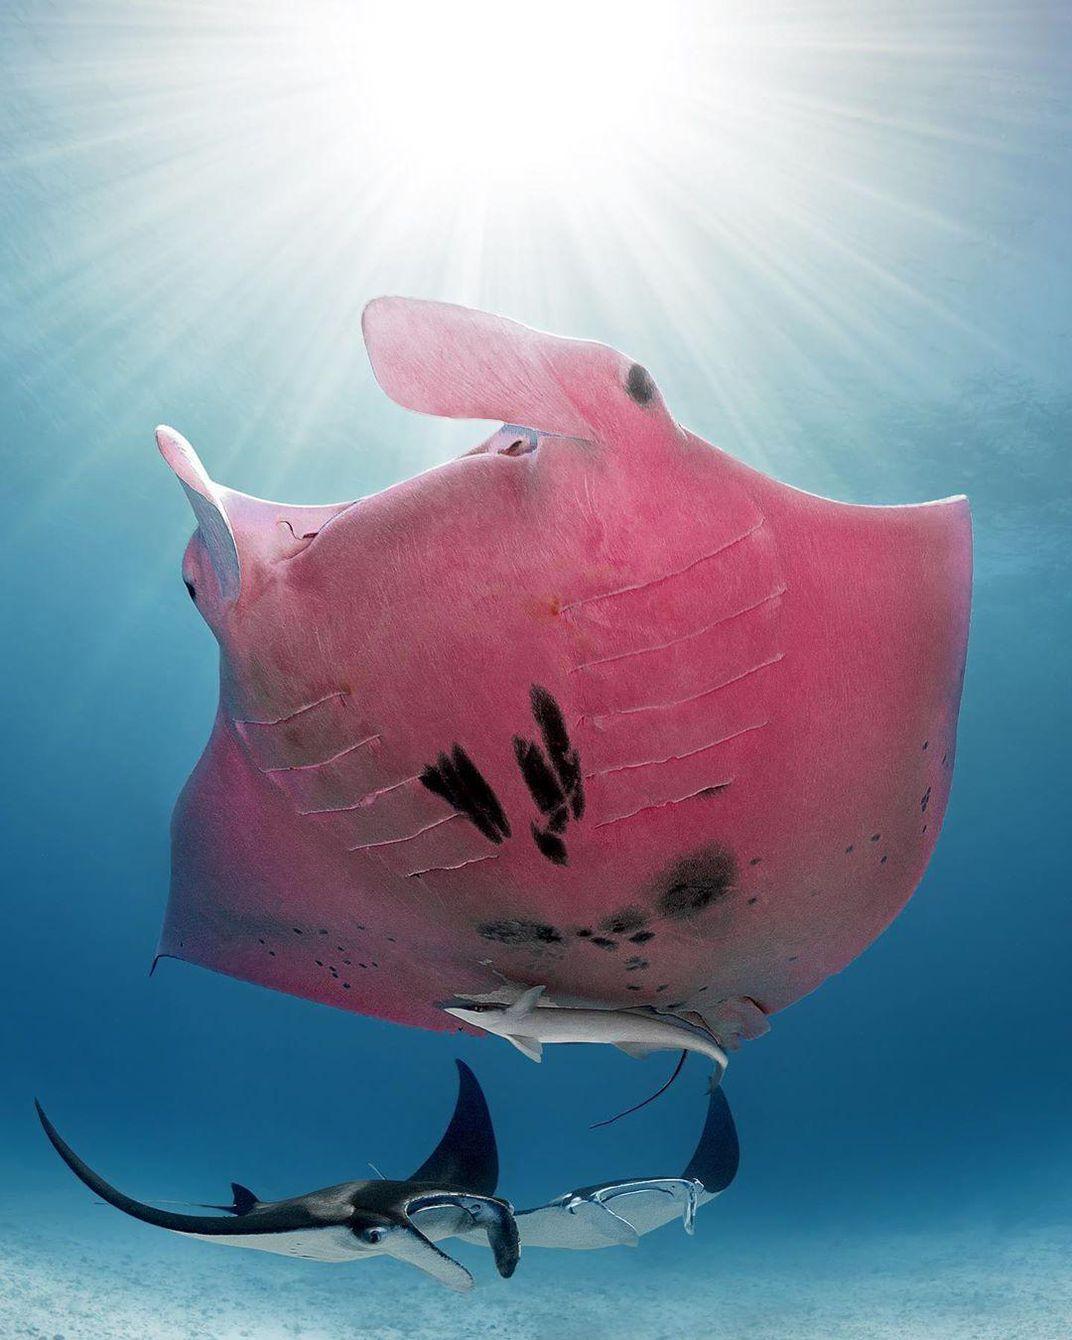 imagem de raia manta cor de rosa, outra das Criaturas marinhas incomuns